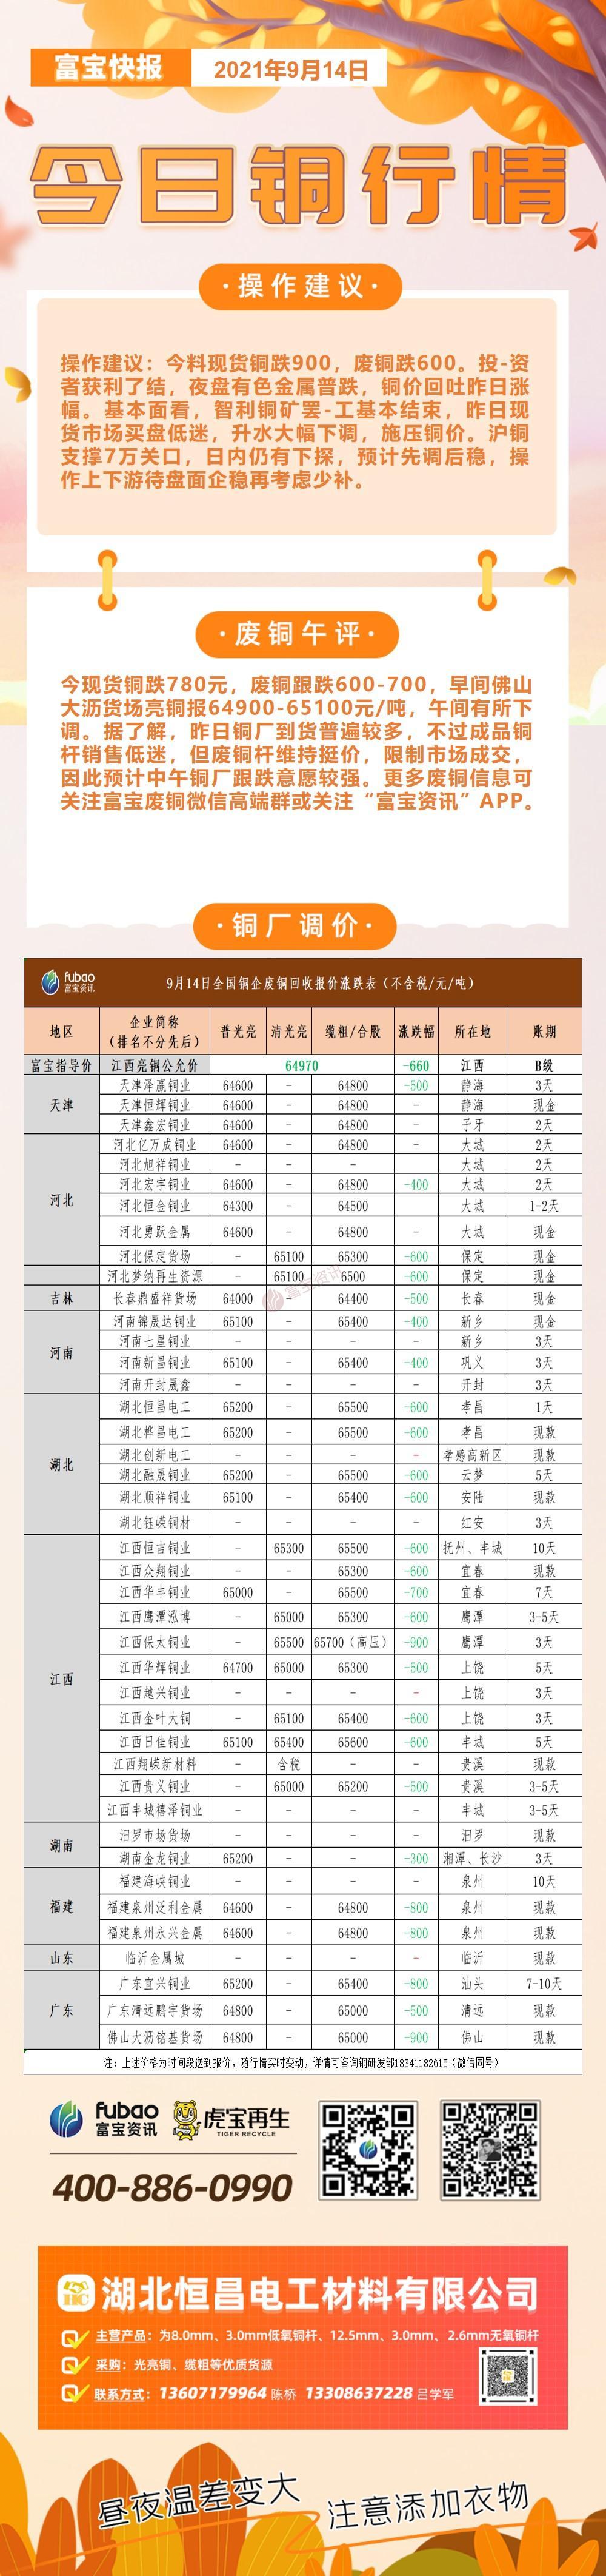 富寶獨家:9月14日部分銅廠光亮銅/纜粗采購價(全新改版,增加賬期)